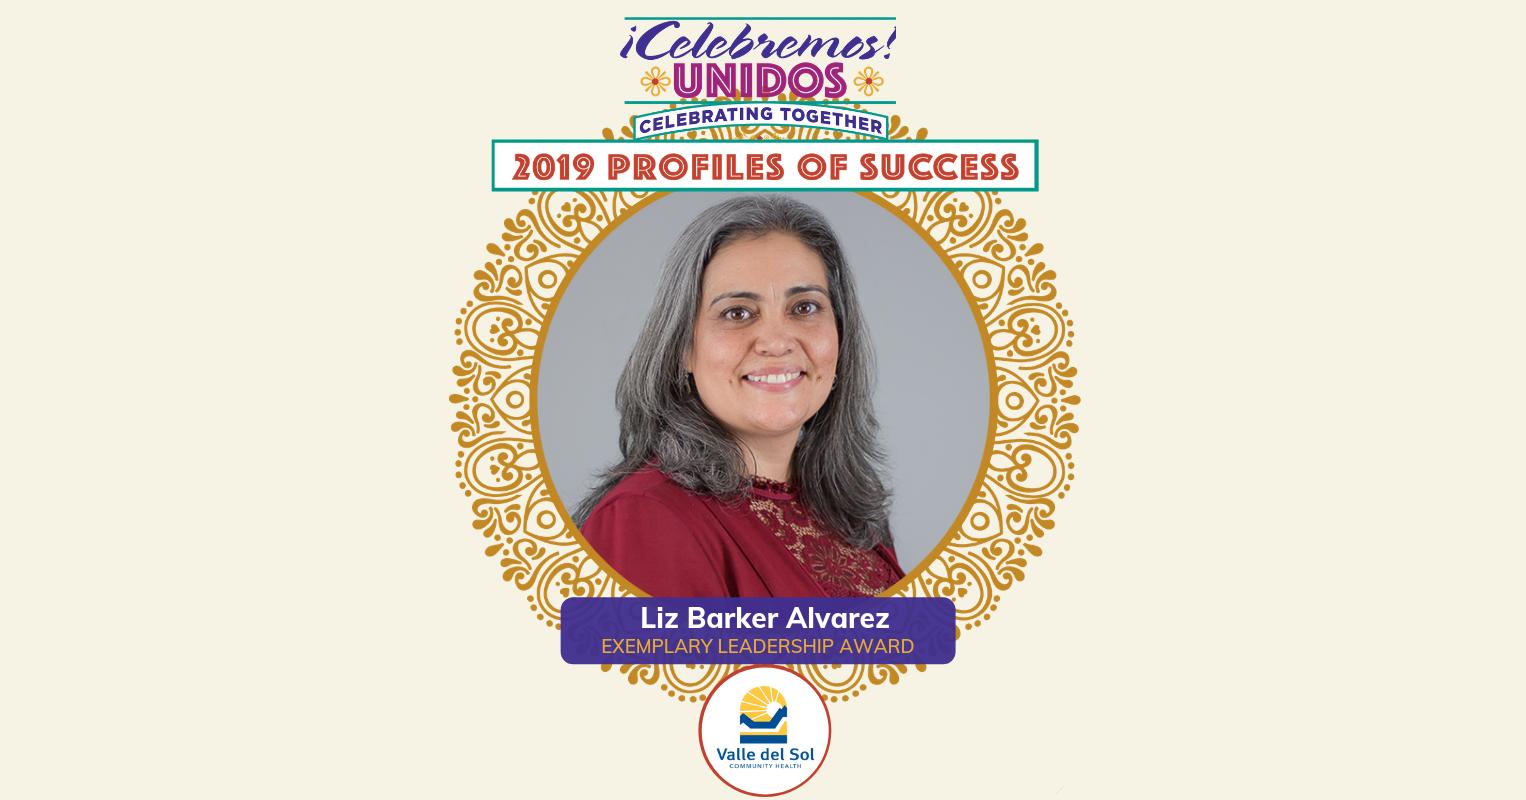 Liz Barker Alvarez